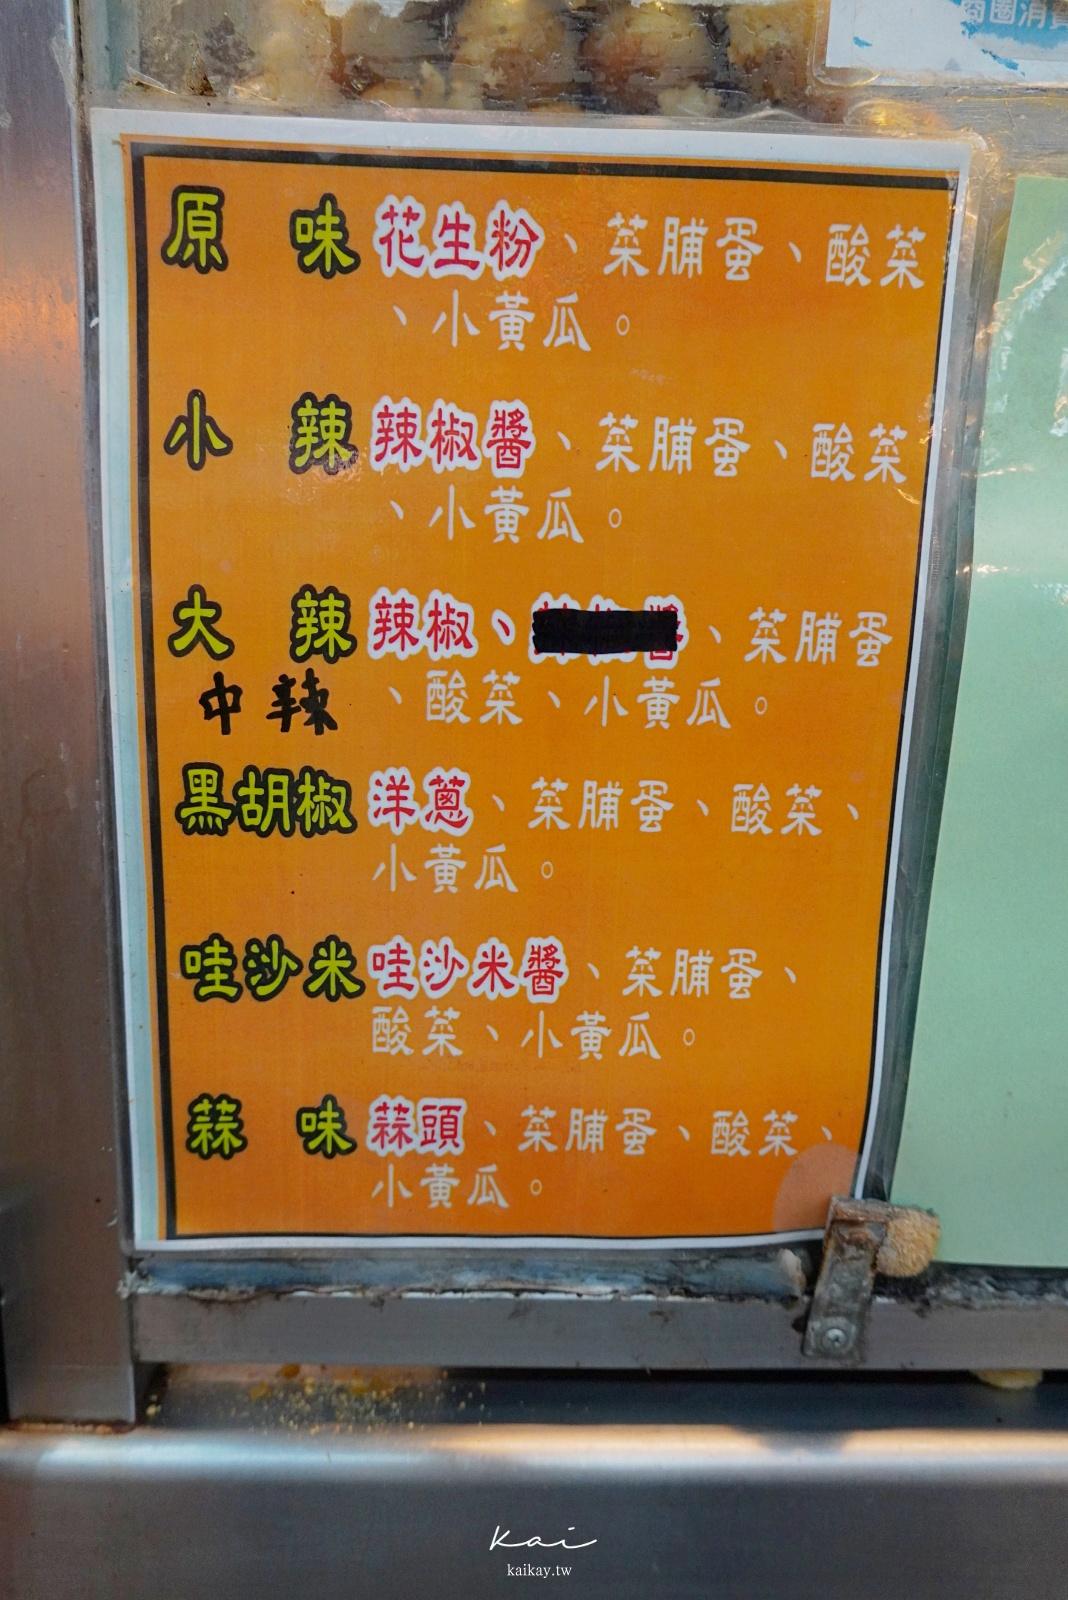 ☆【台中美食】越多人罵、就越多人吃的官芝霖大腸包小腸(Uber Eats預訂)